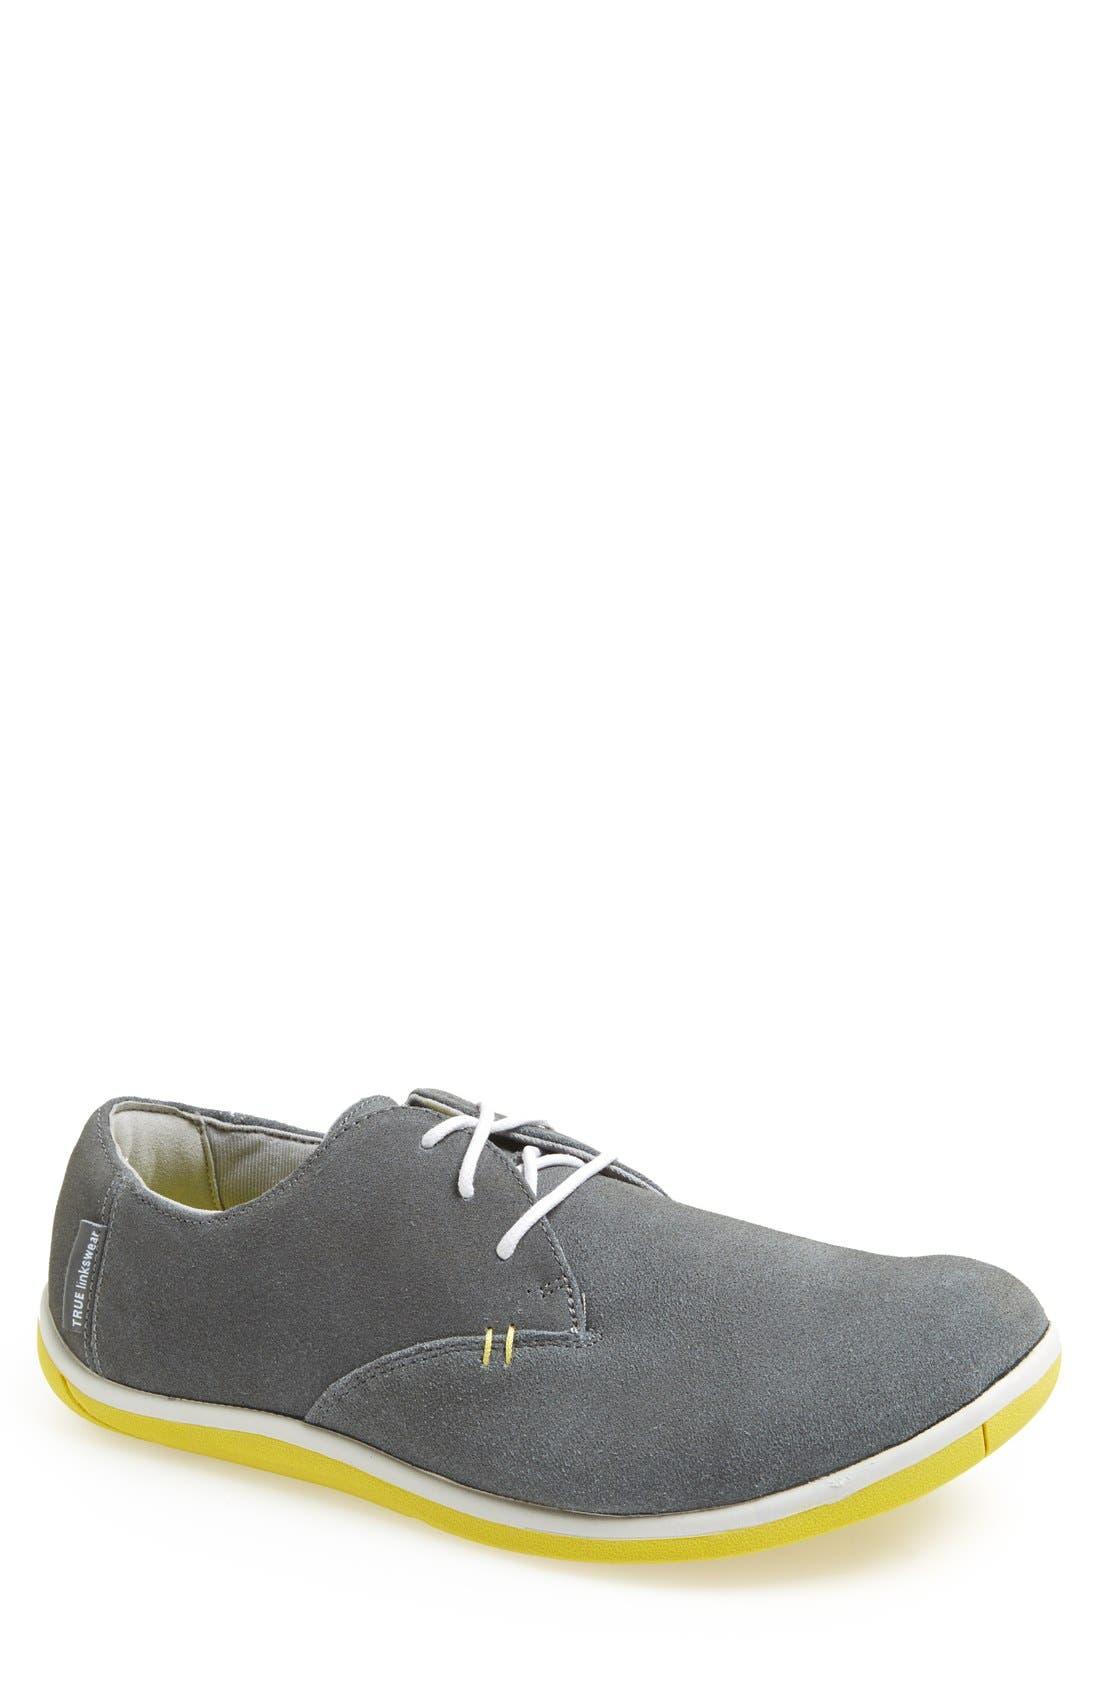 TRUE LINKSWEAR 'True Oxford' Golf Shoe, Main, color, 020